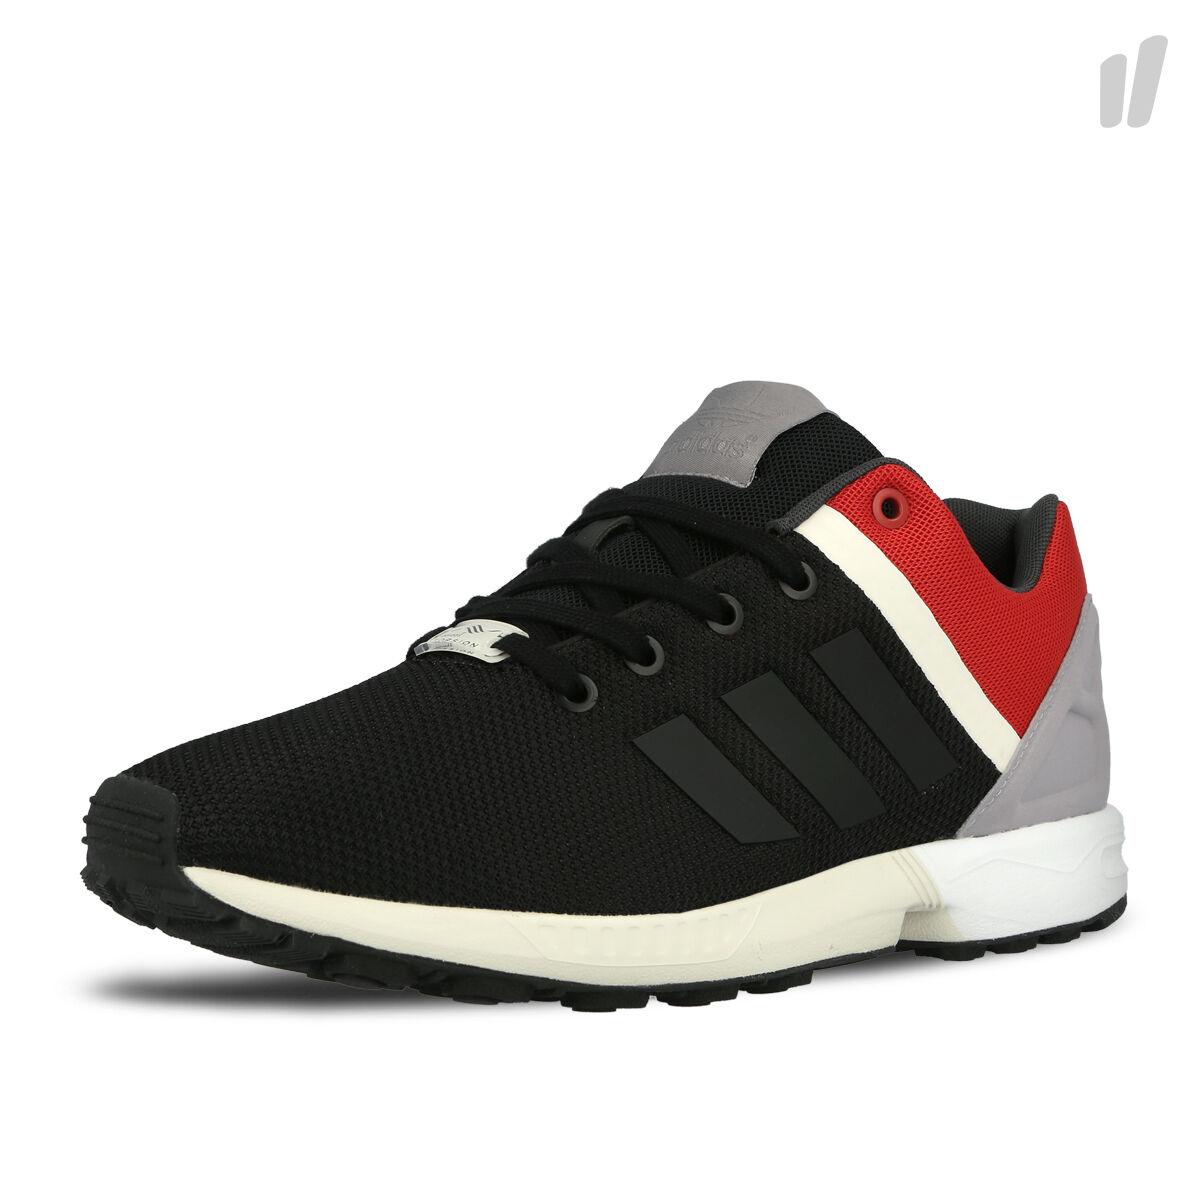 Casual salvaje Adidas Originals Zx Flux Split Para Hombre Zapatos Zapatillas af6358